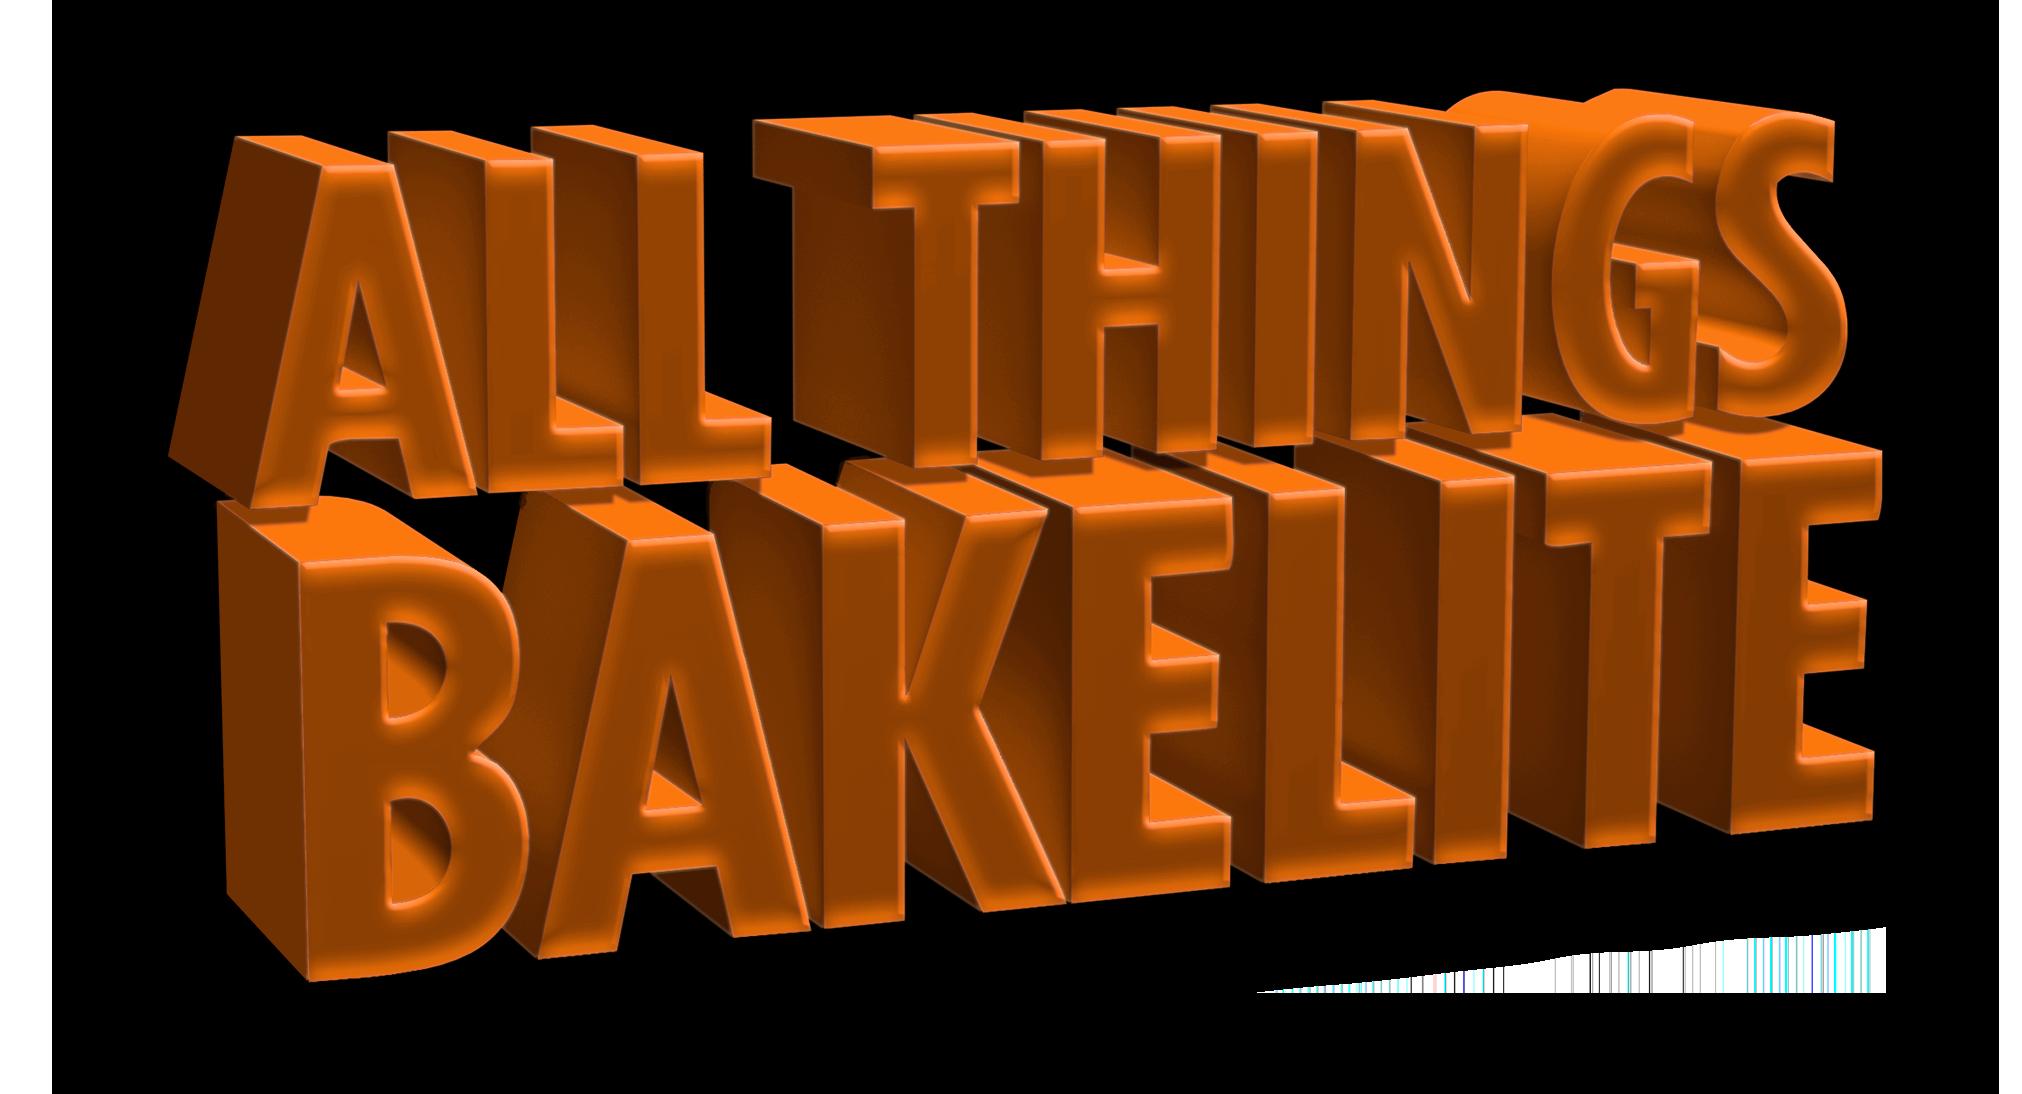 all things bakelite